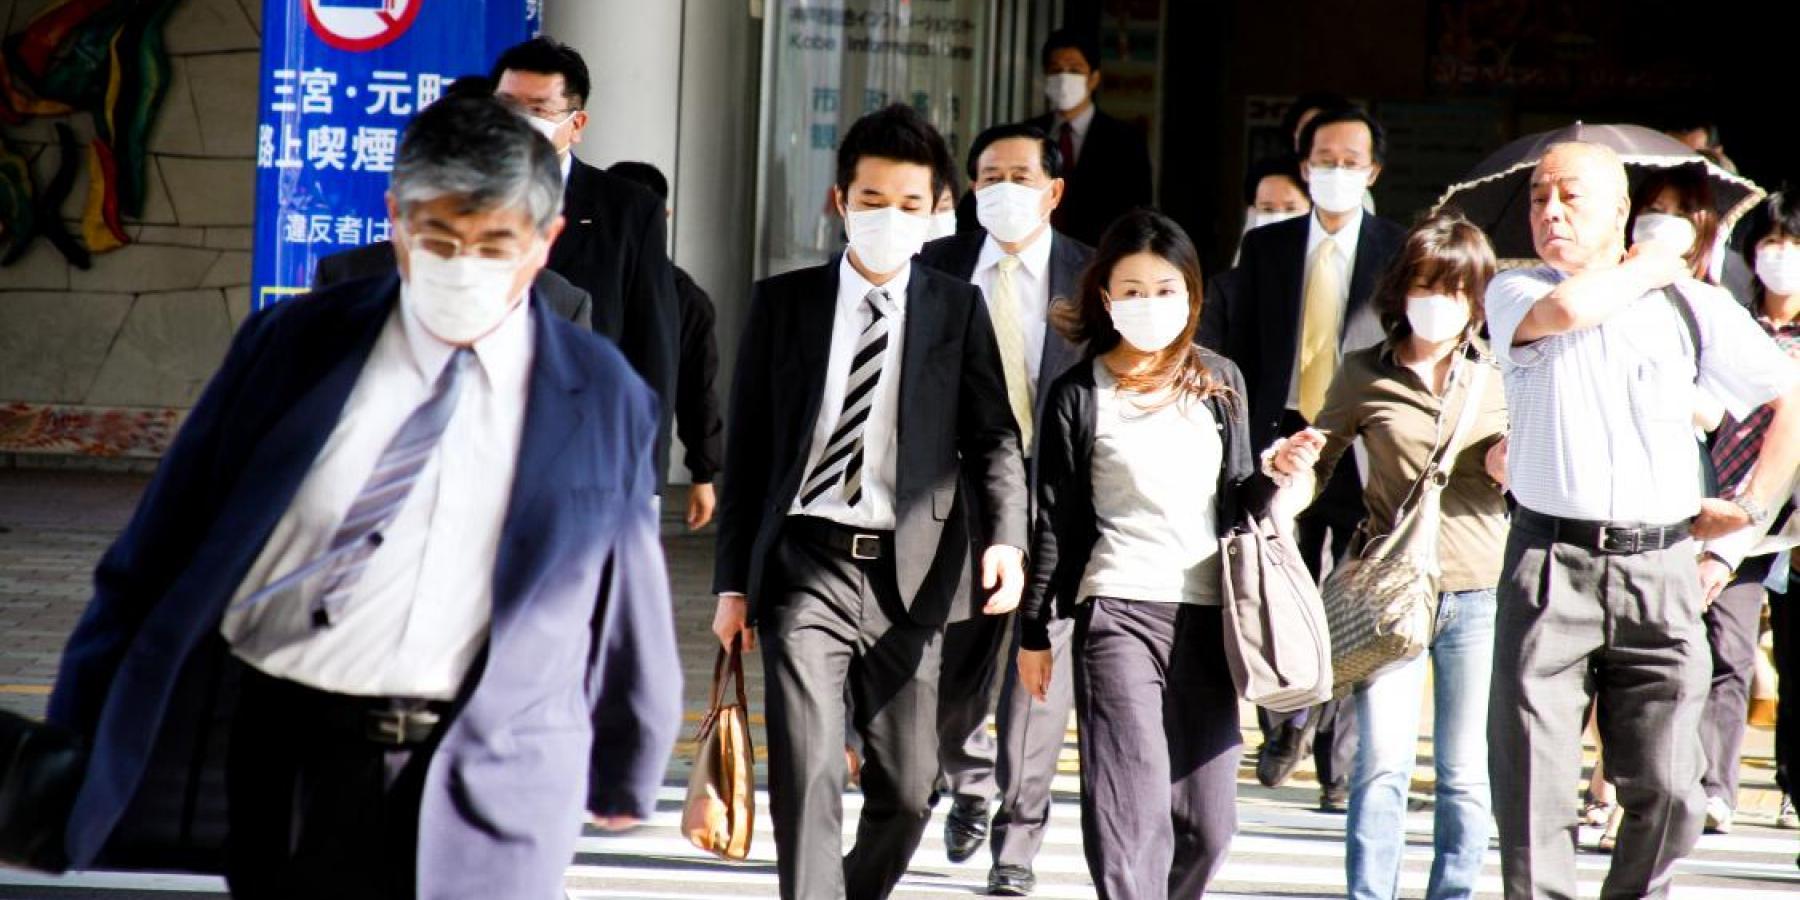 NCD Alliance Japan renewed | People in Japan © Shutterstock